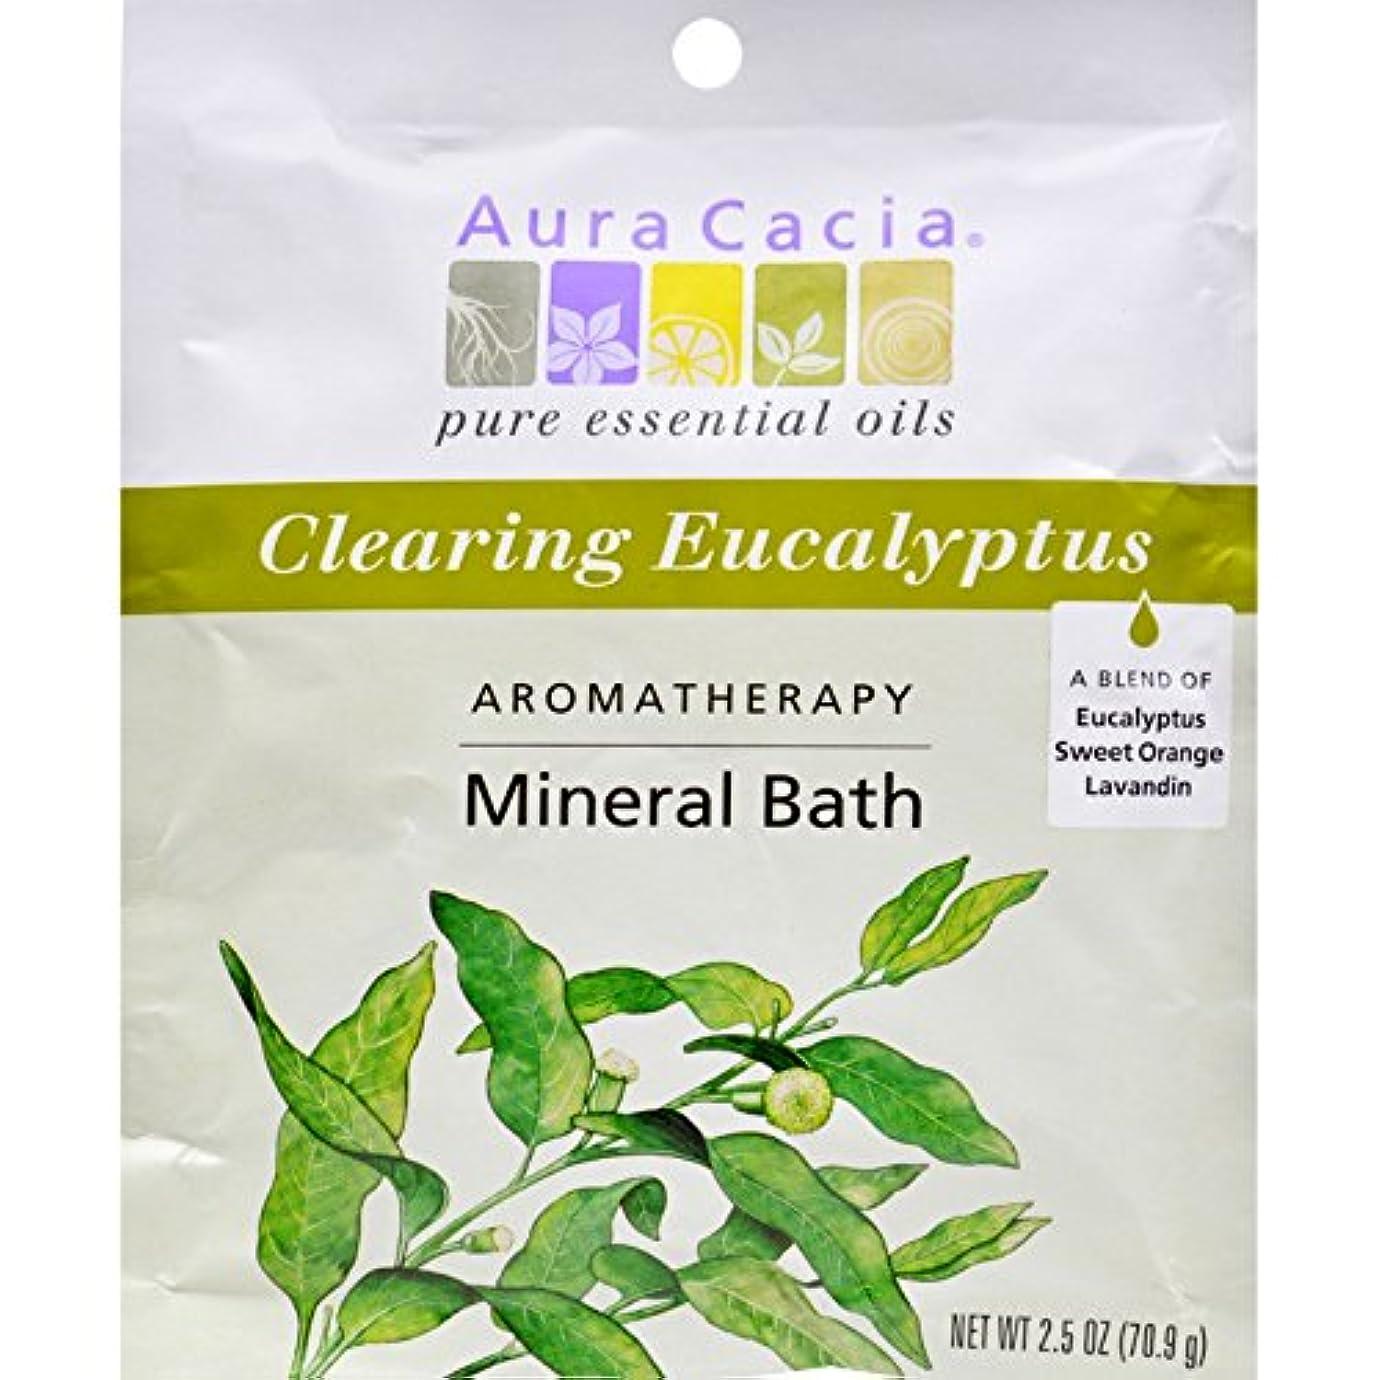 サイバースペースフィットネス大事にするAura Cacia, Aromatherapy Mineral Bath, Clearing Eucalyptus, 2.5 oz (70.9 g)